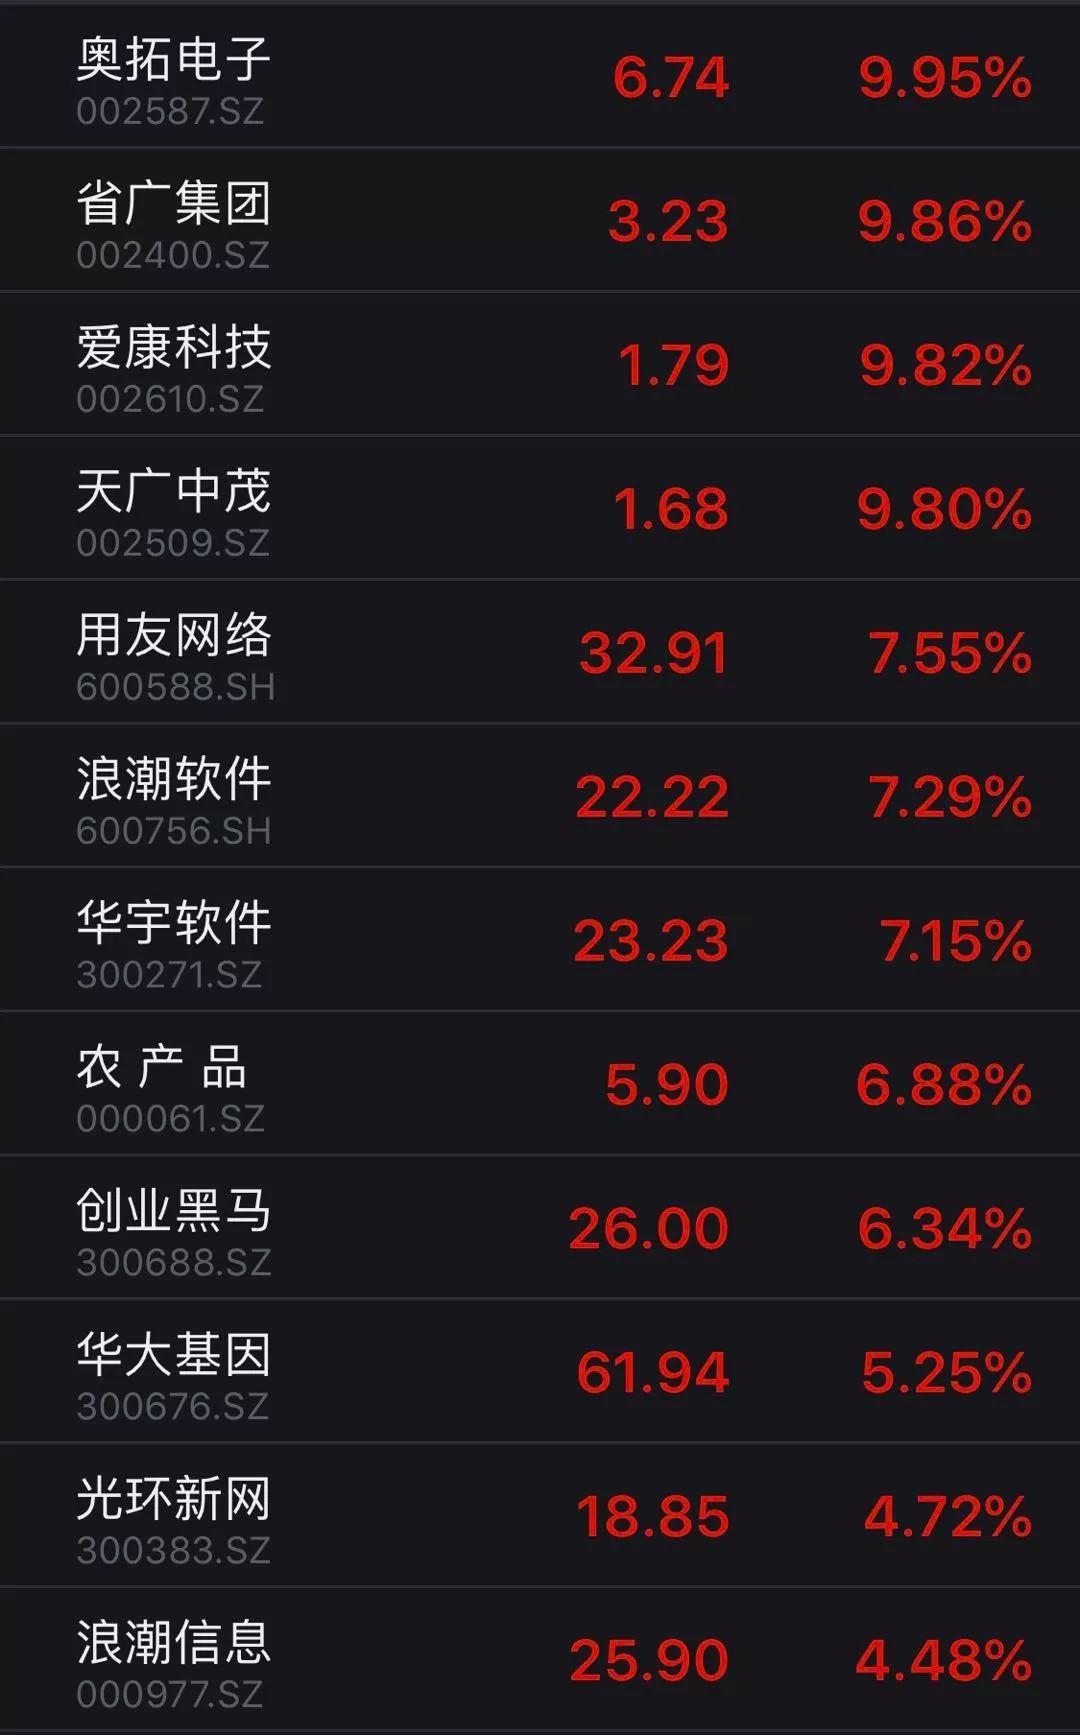 天尊娱乐场排行榜,除雪费用上升致财政恶化 日本福井市议员被削减工资